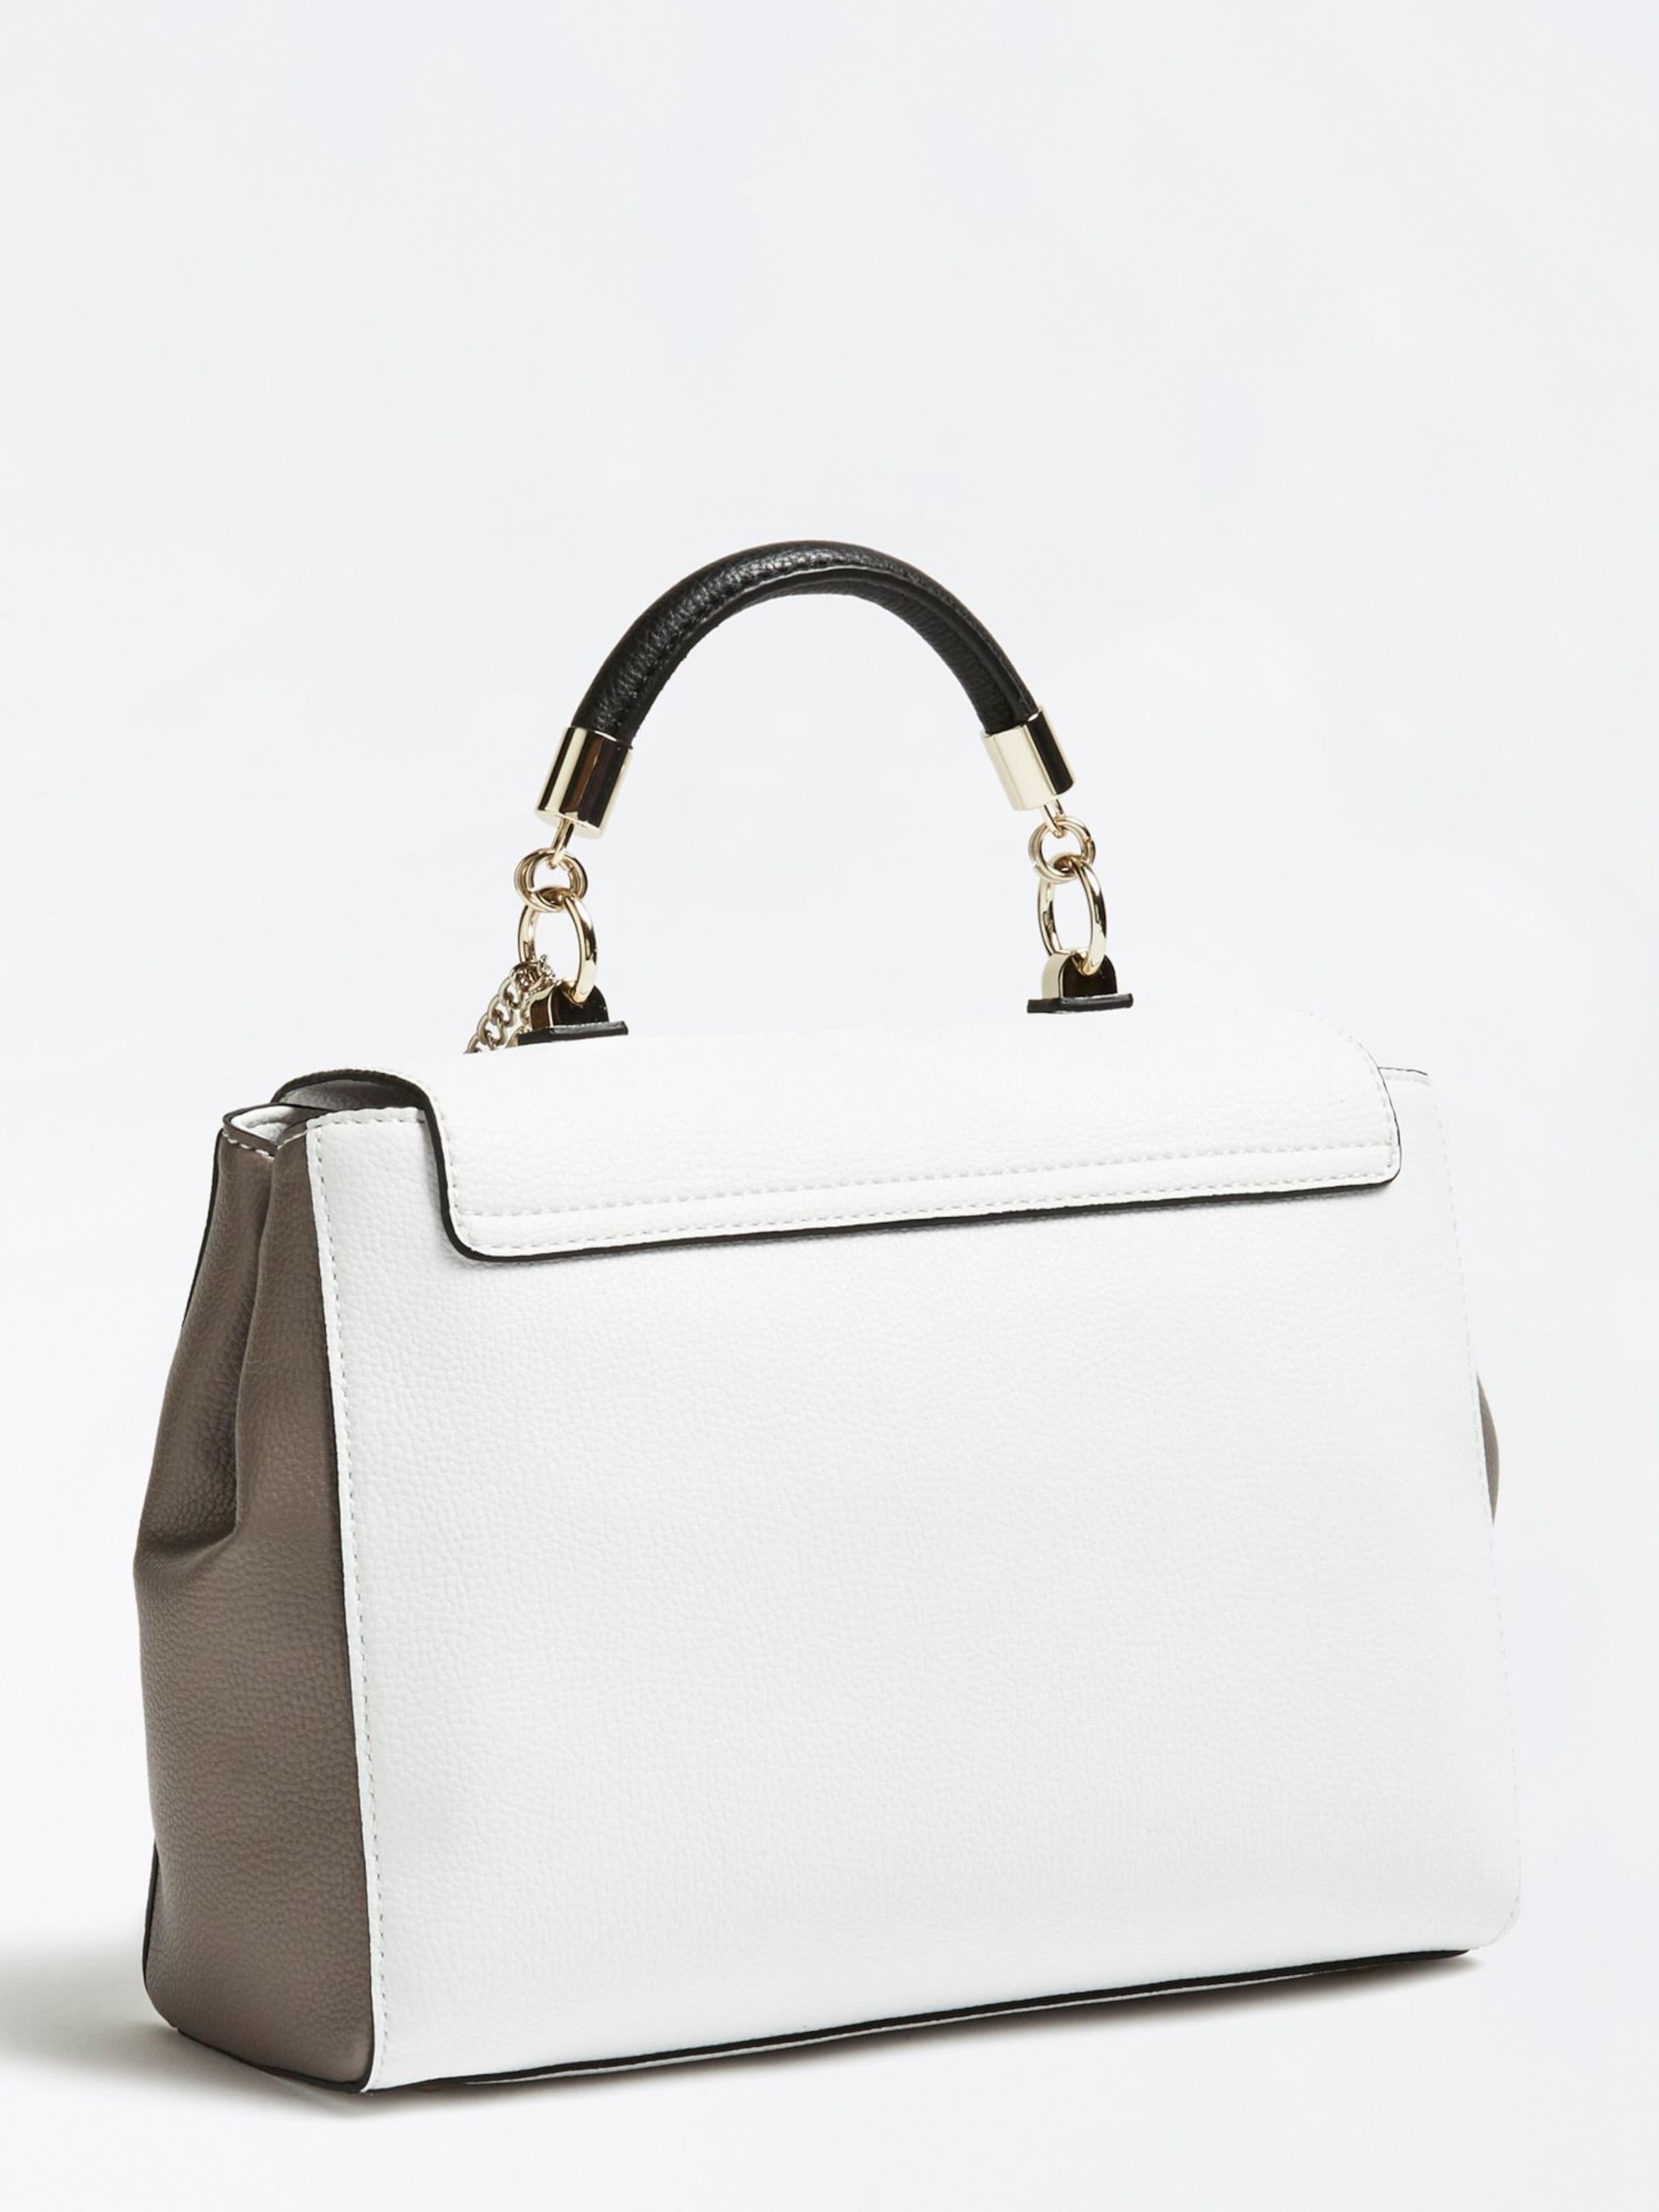 Tasche In Weiß In Tasche Guess 'alma' Guess Tasche Guess 'alma' Weiß nN80Ovwym